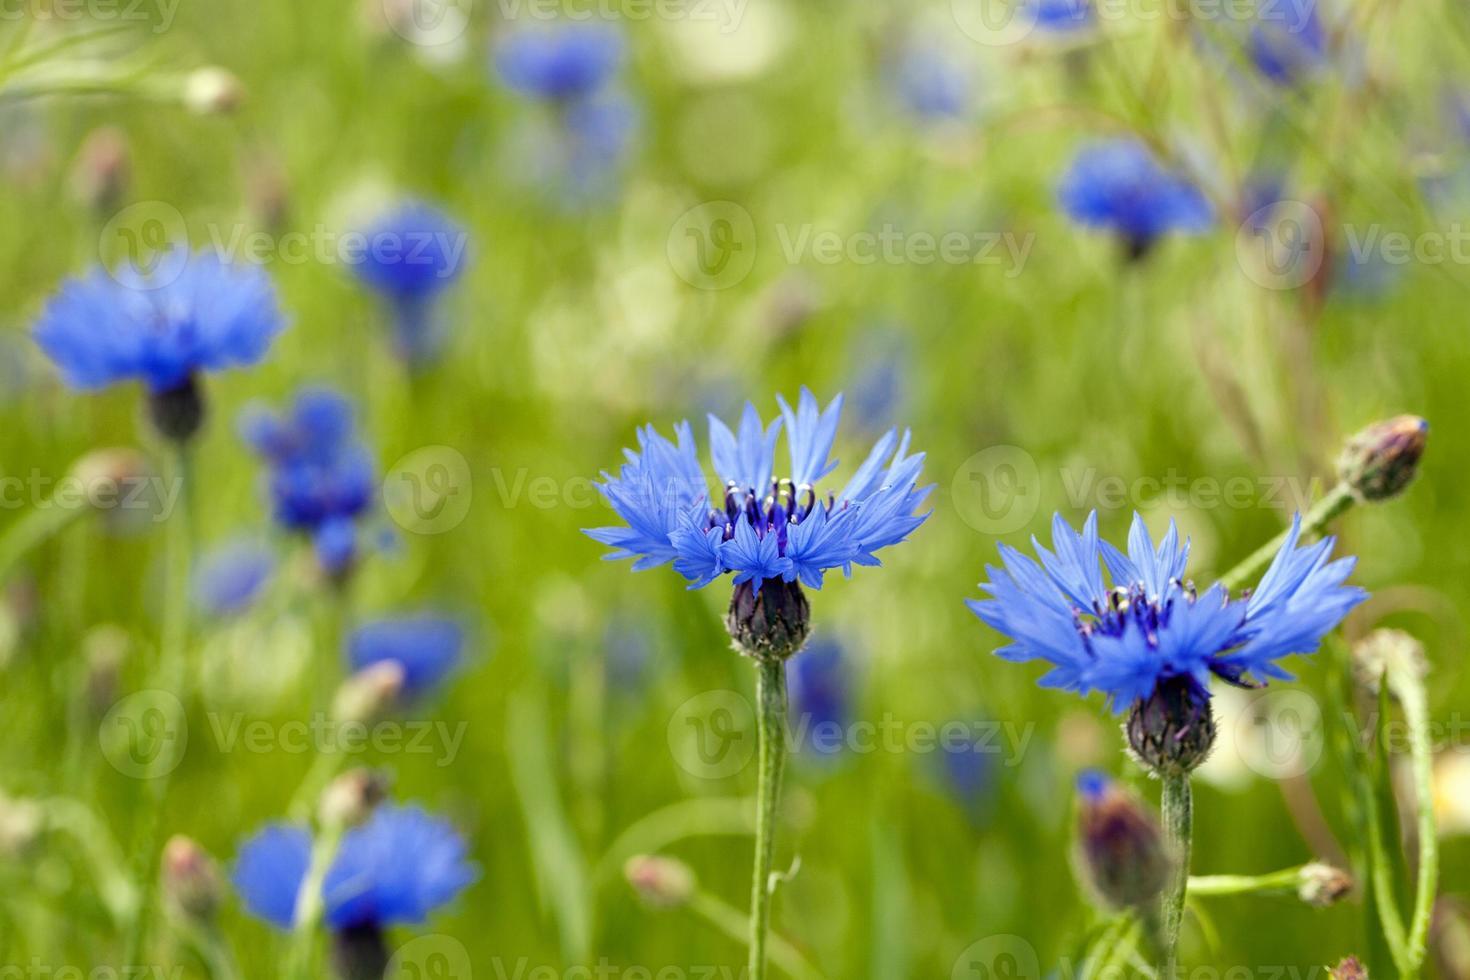 blauwe korenbloem foto